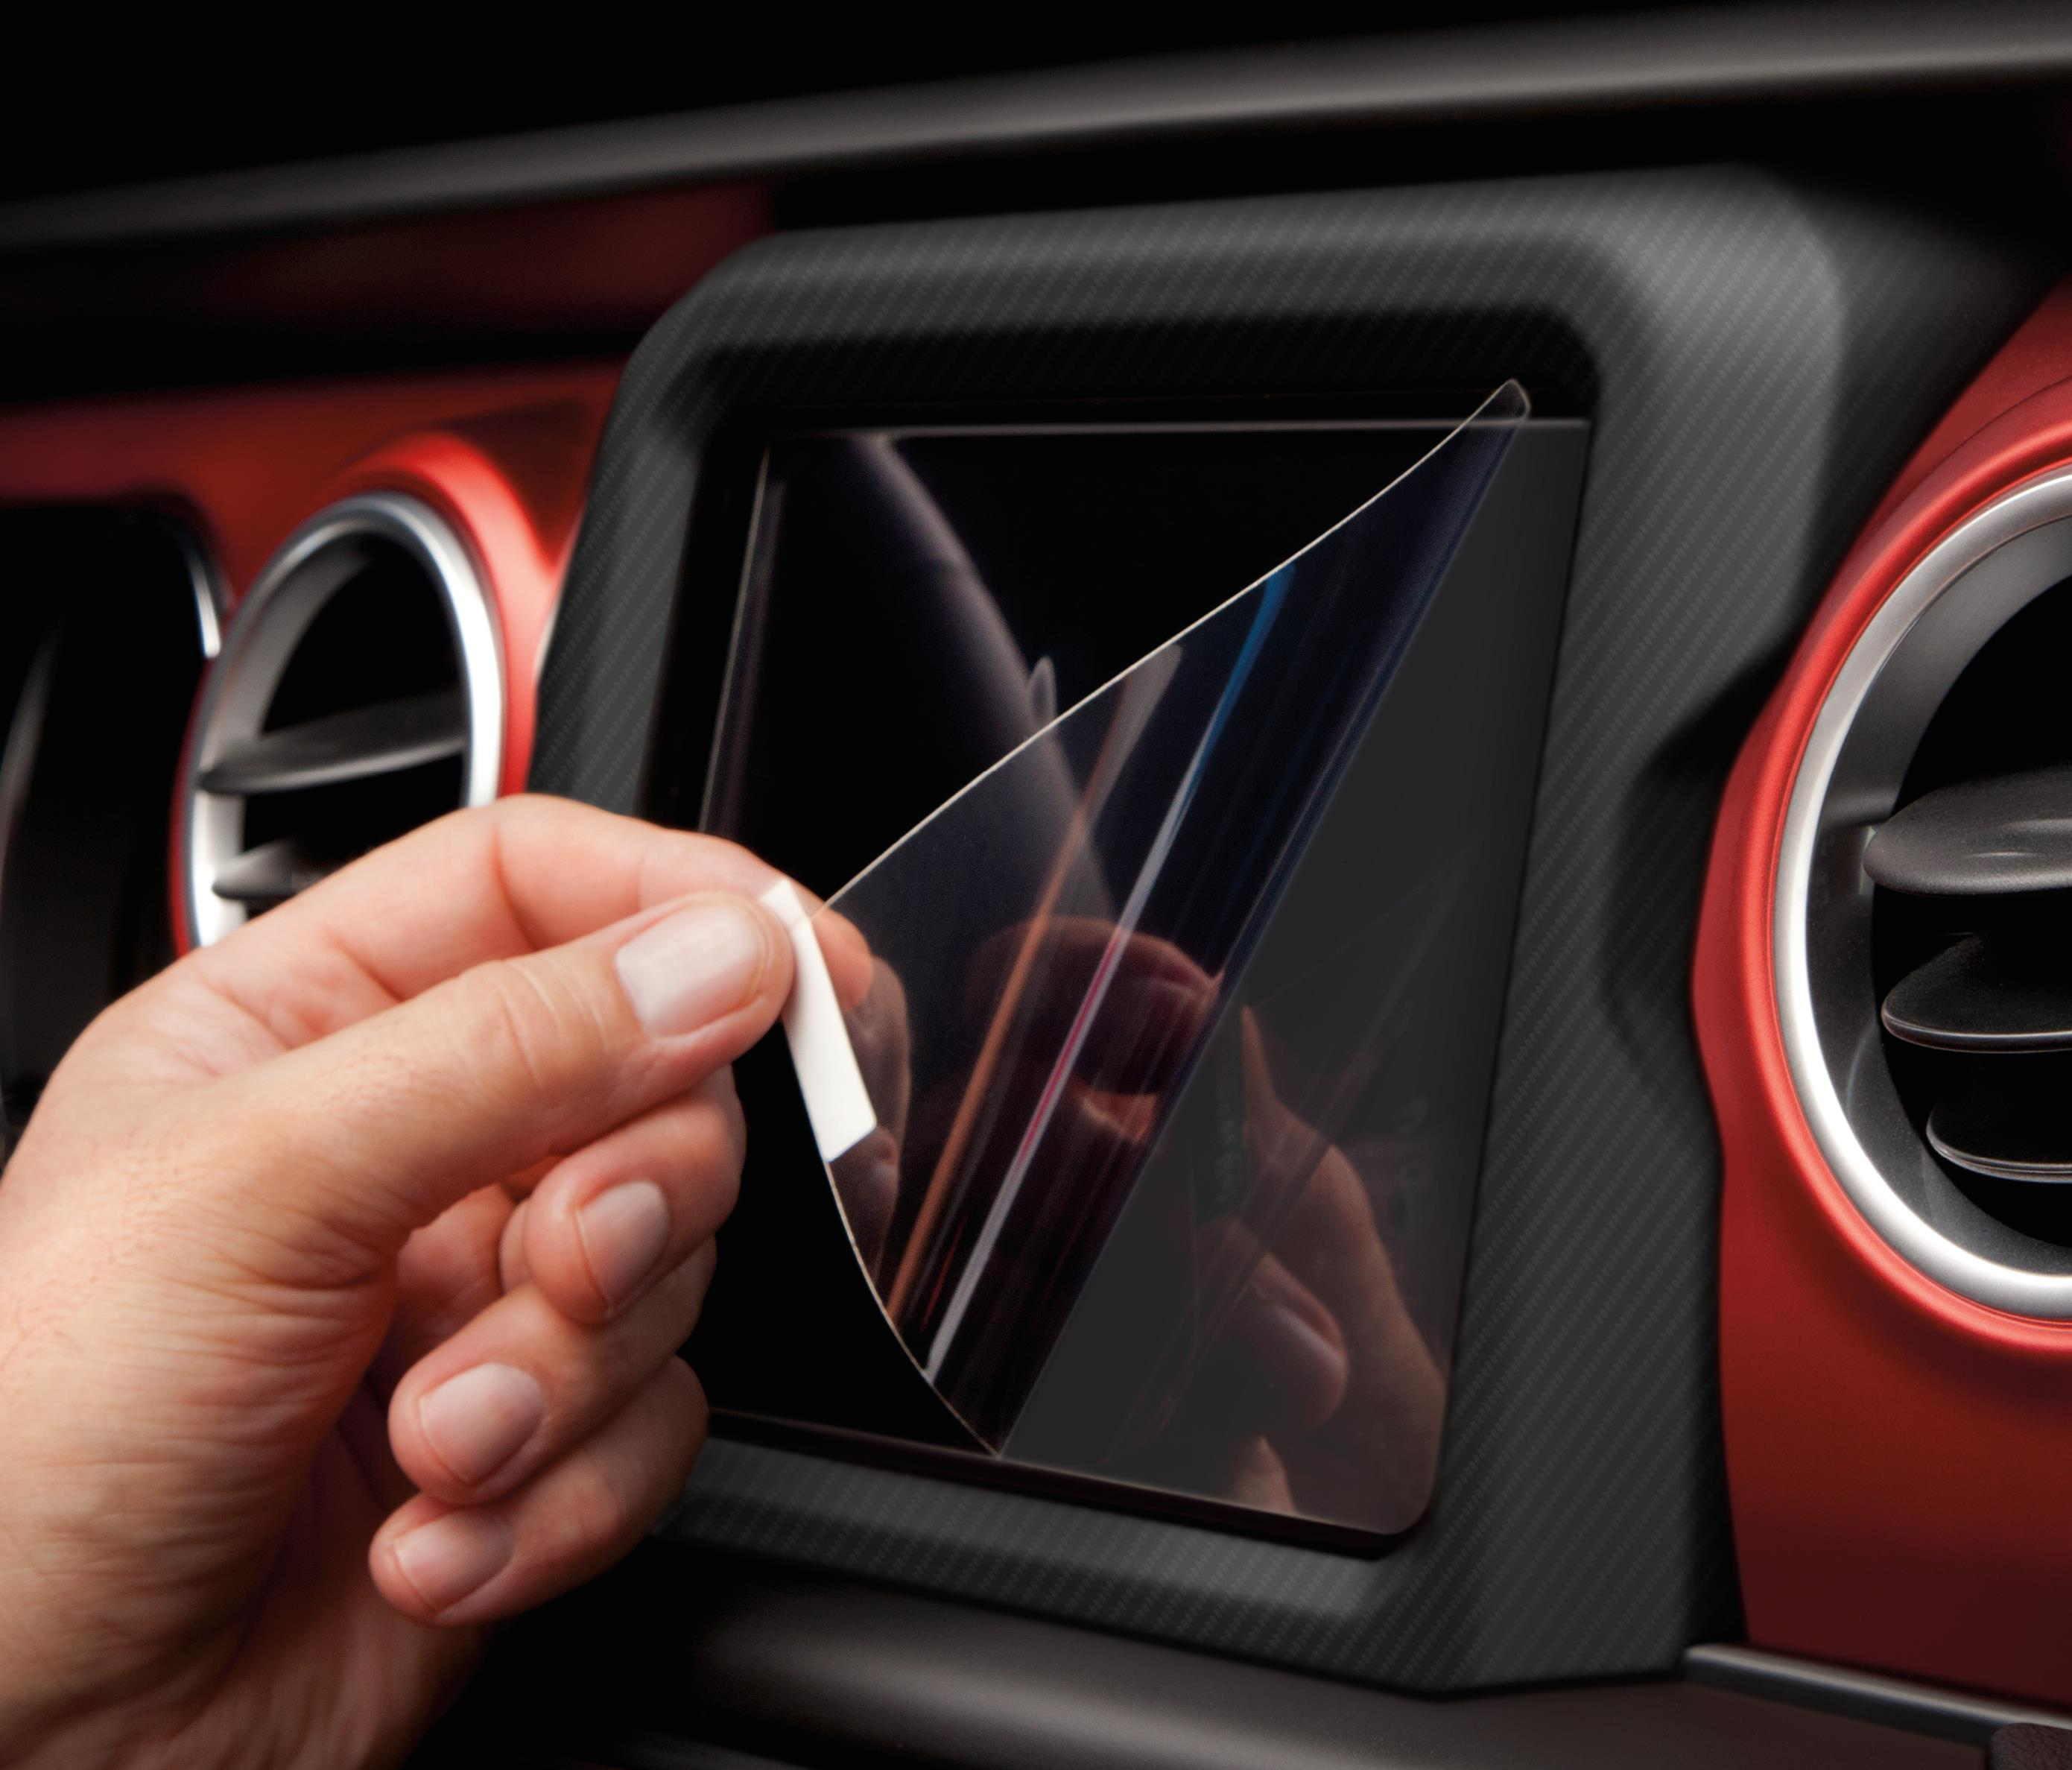 2019 Chrysler PACIFICA L HYBRID Media Center Screen